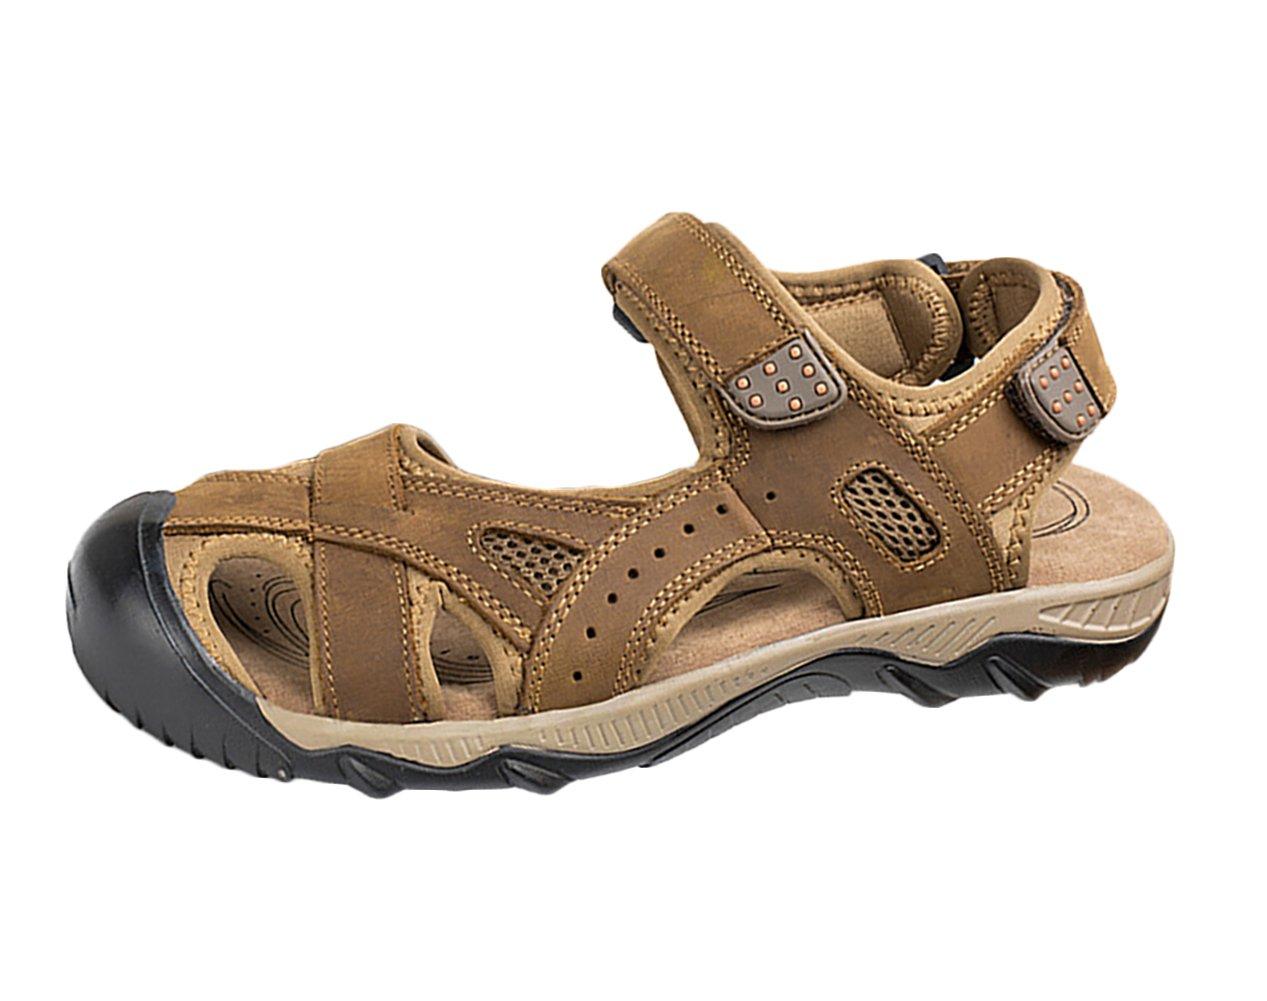 SK Studio Sandalias Hombre Montaña de Cuero Outdoor Transpirables Zapatos Con Velcro 43 EU|Marrón Claro